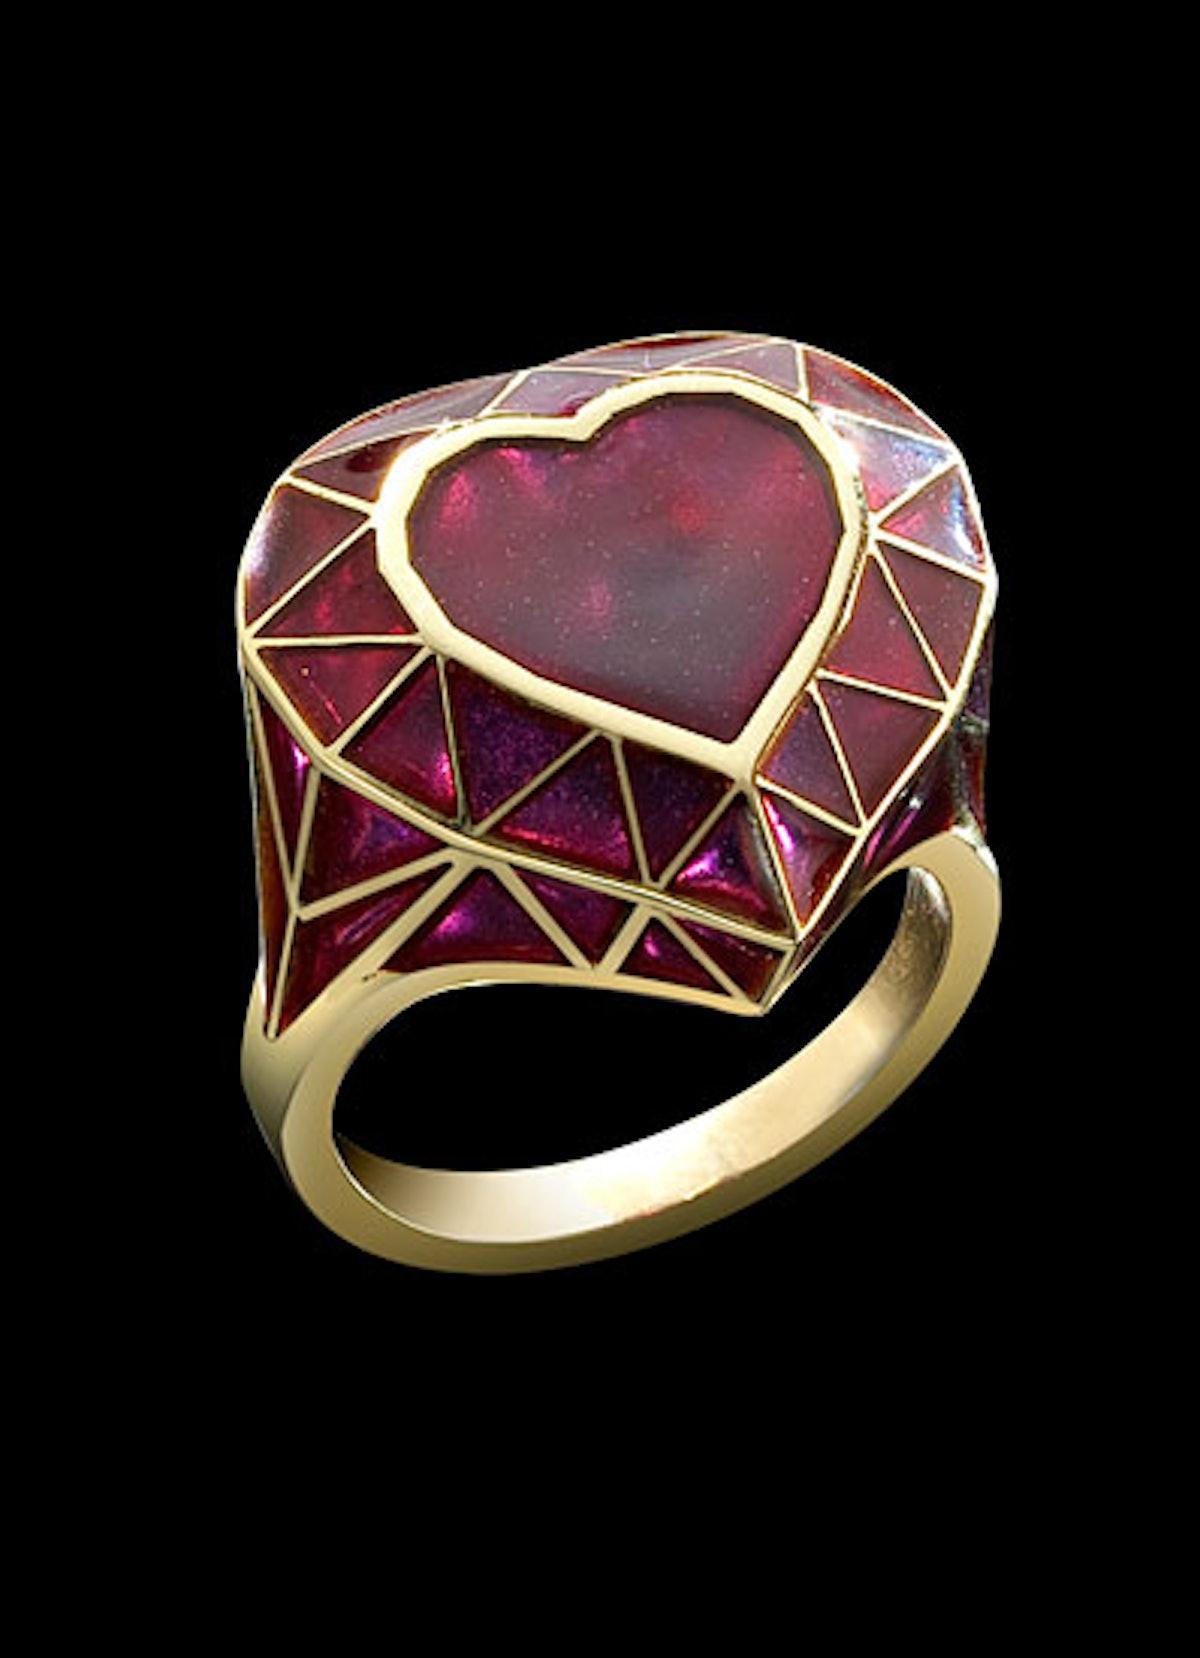 acss-heart-shaped-jewelry-02-v.jpg